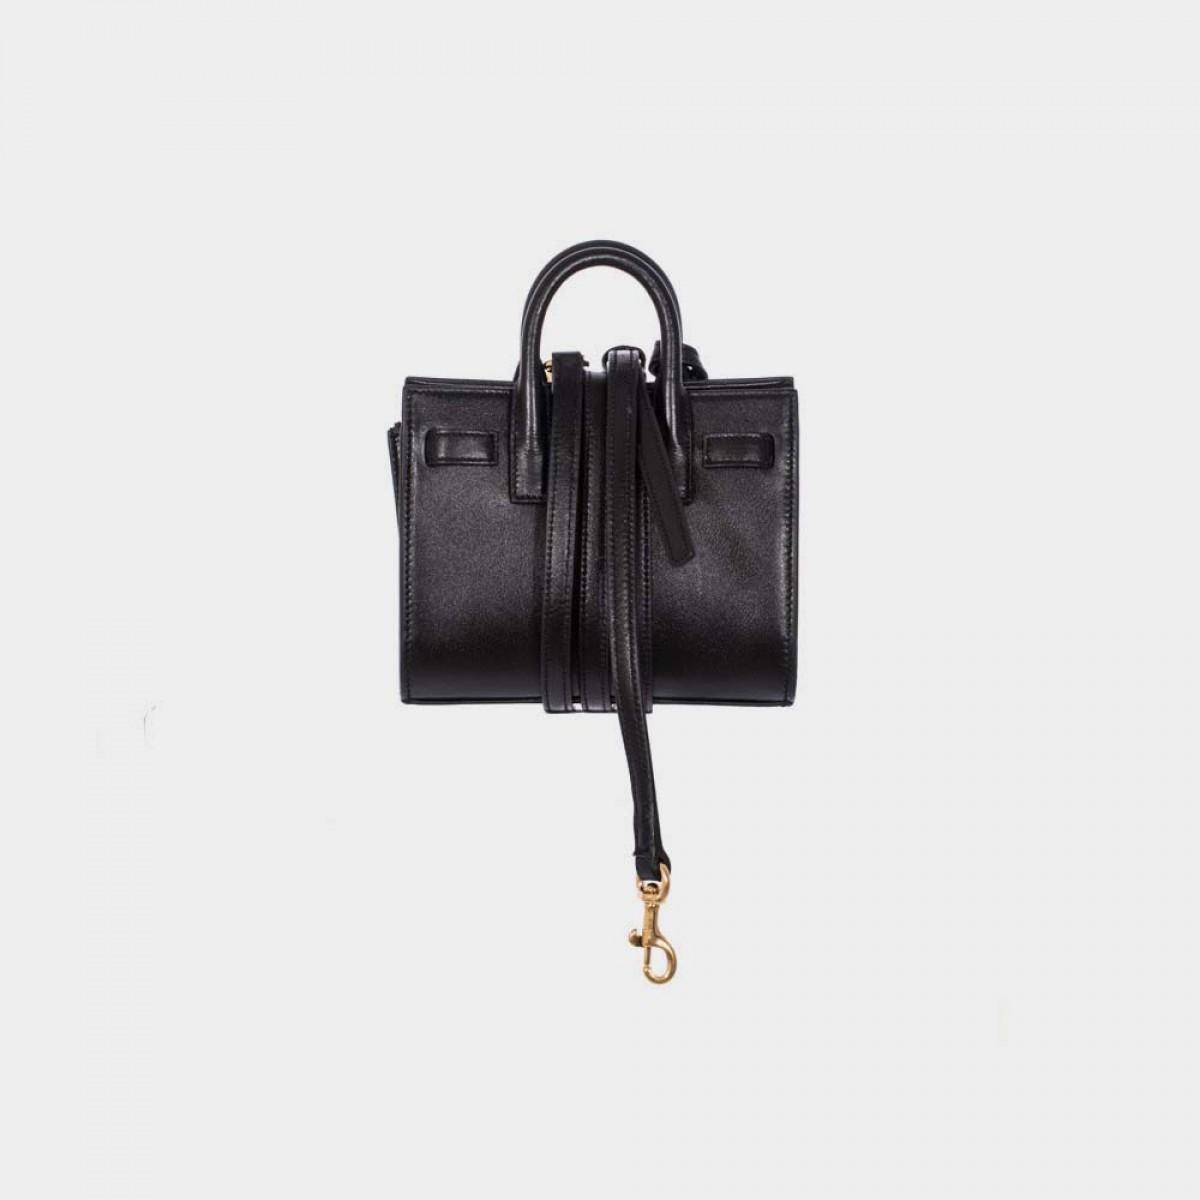 yves saint laurent shoes outlet online - sac de jour mini grain leather tote bag, white